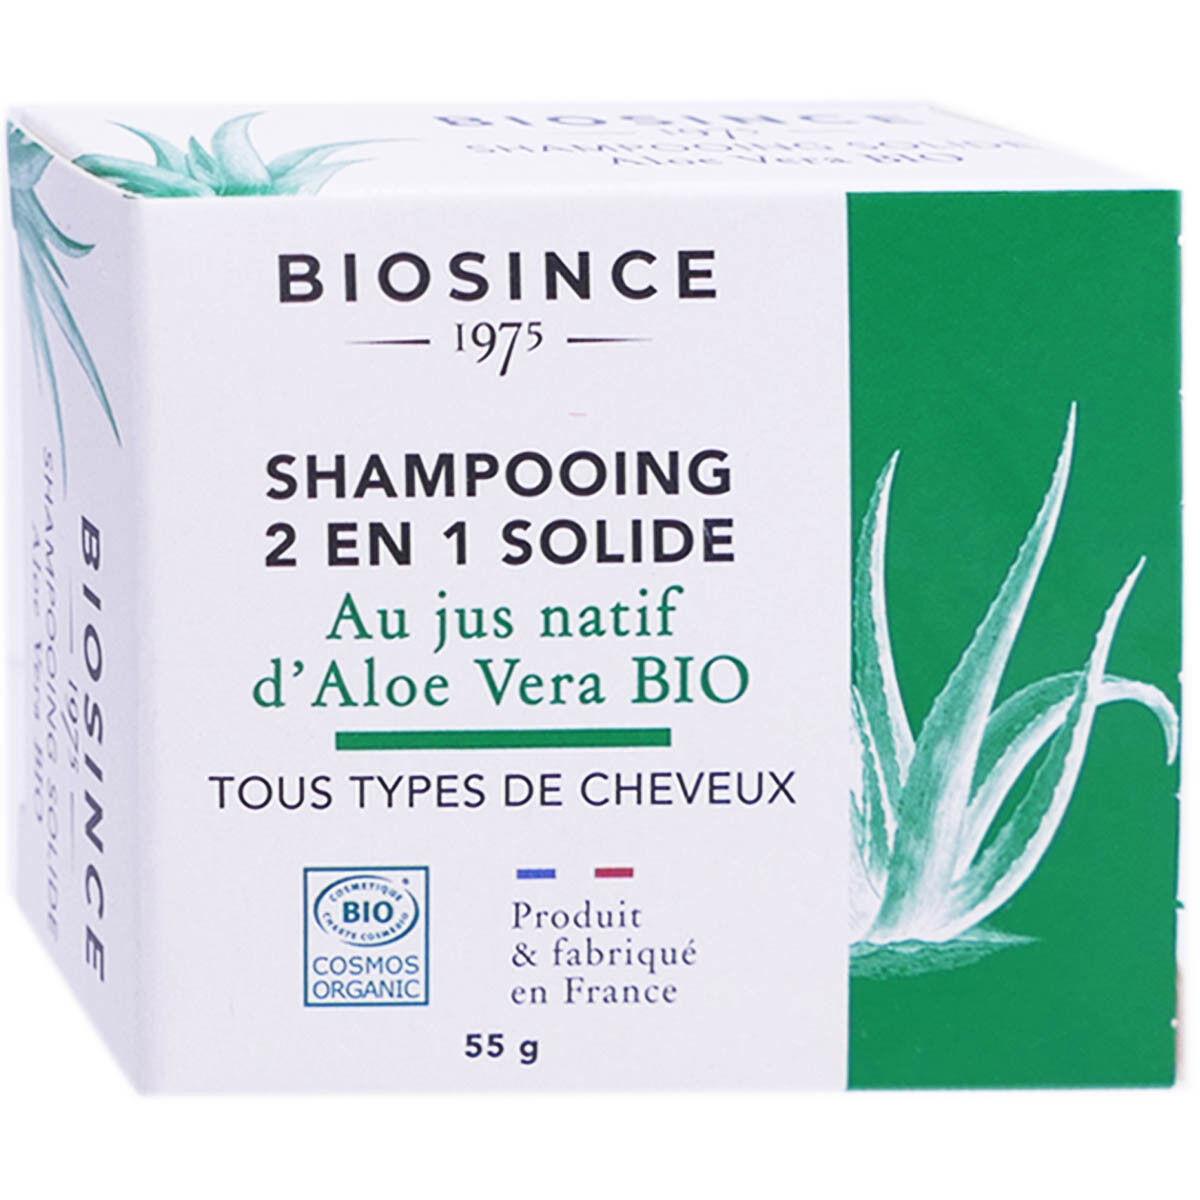 Biosince shampooing solide 2 en 1 bio 55g